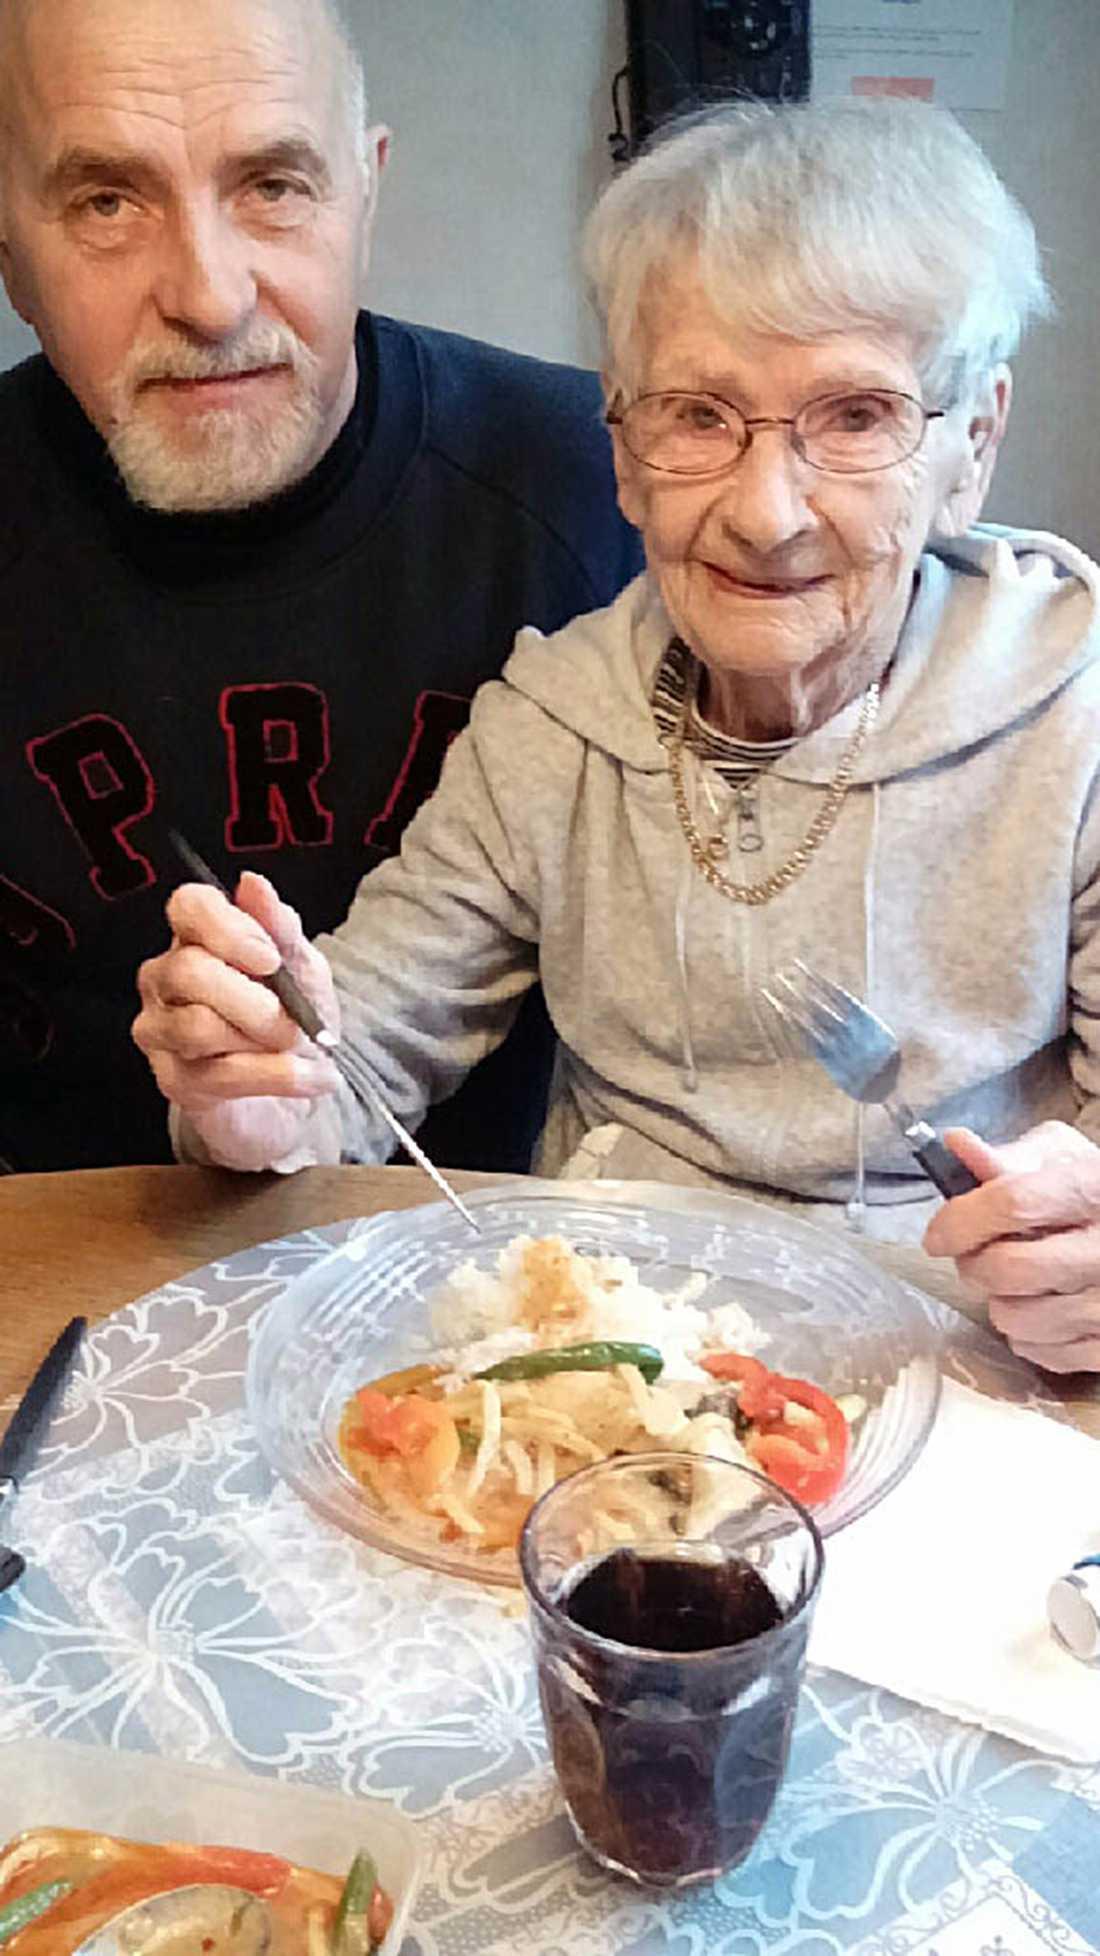 FÖREDRAR THAI-MAT. Dagny Larsson, 94, vill inte vara till besvär och klaga på kommunens matlådor men lyser upp när sonen Per har med sig smakrik thai-mat. - Jag är tacksam varje gång de äldres mat uppmärksammas. De som bestämmer över den lever inte i samma verklighet som de som äter den, säger Per Larsson som för ett år sedan efterlyste bättre och trevligare matlådor åt sin mamma Dagny.